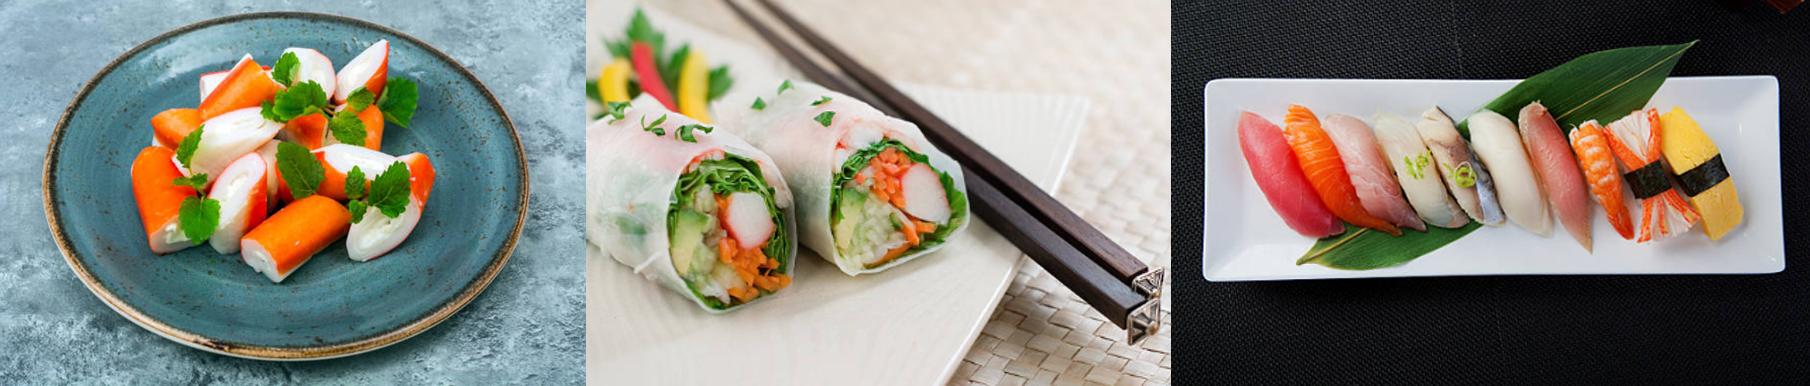 Surimi sushi.png